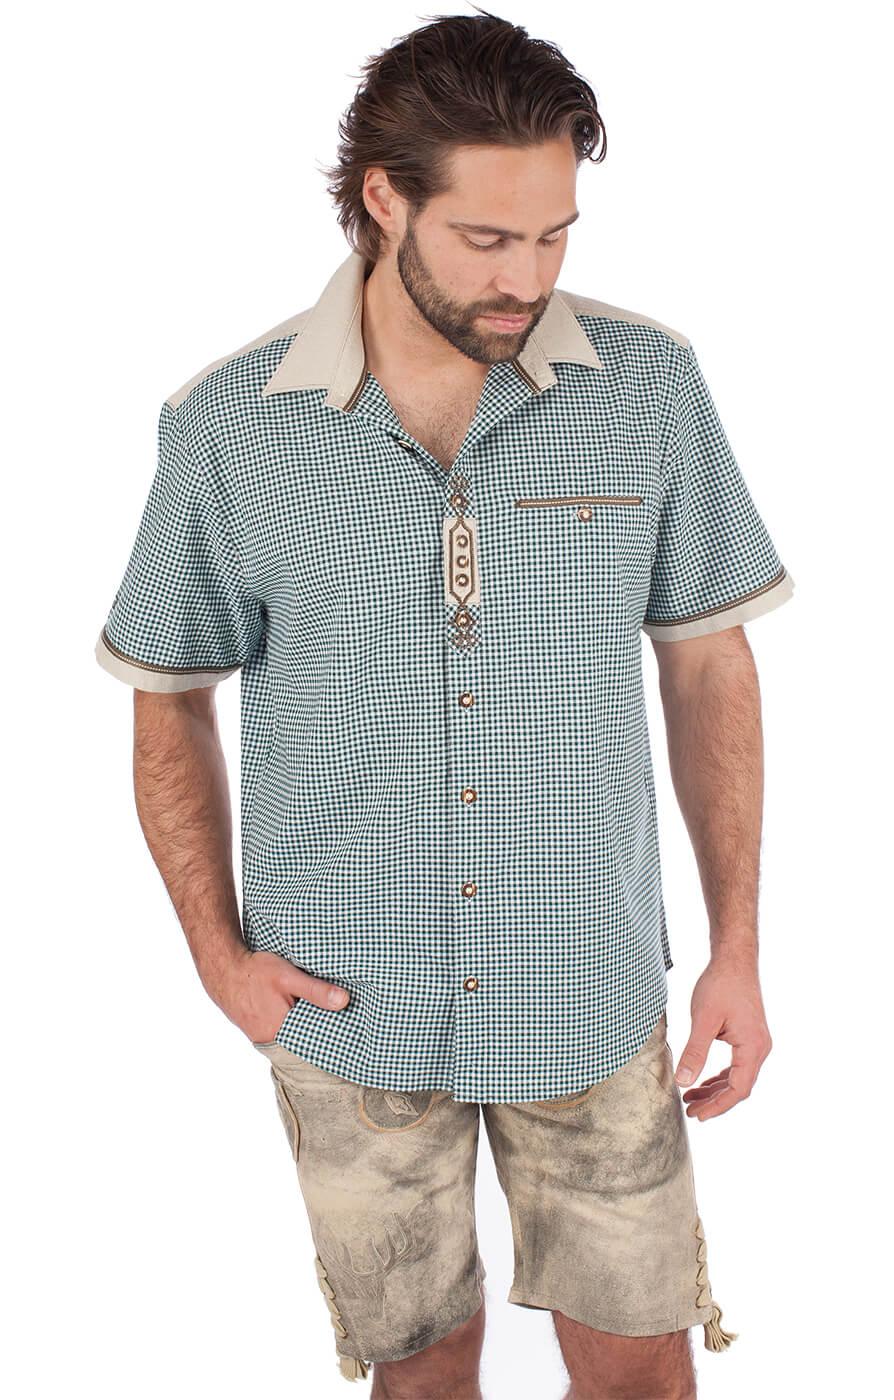 weitere Bilder von Trachtenhemd DOMINIC Halbarm grün